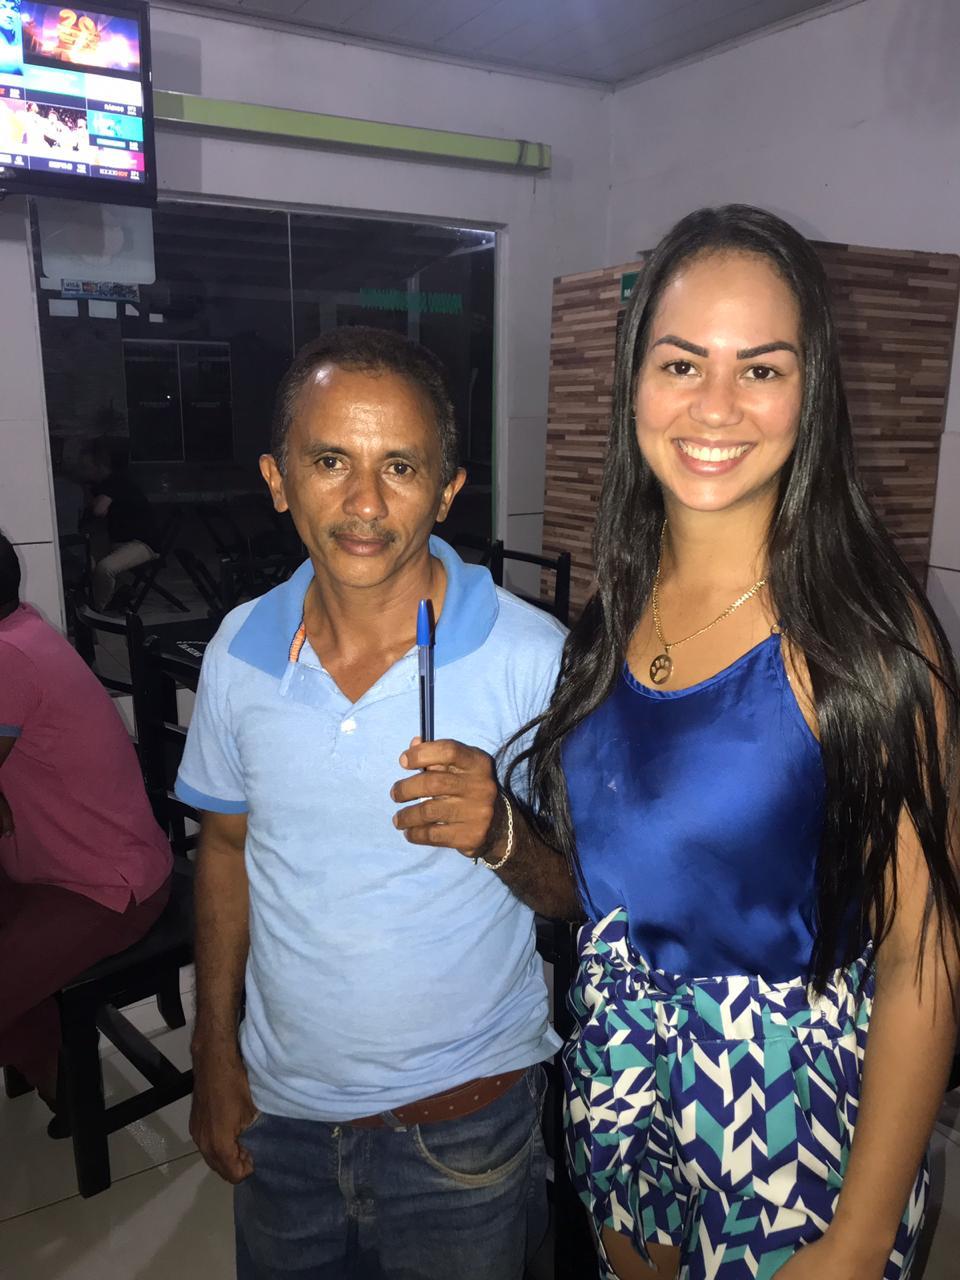 """Conheça Manoel Gomes, o autor da música """"Caneta Azul""""que já viralizou na internet - Rapadura News"""